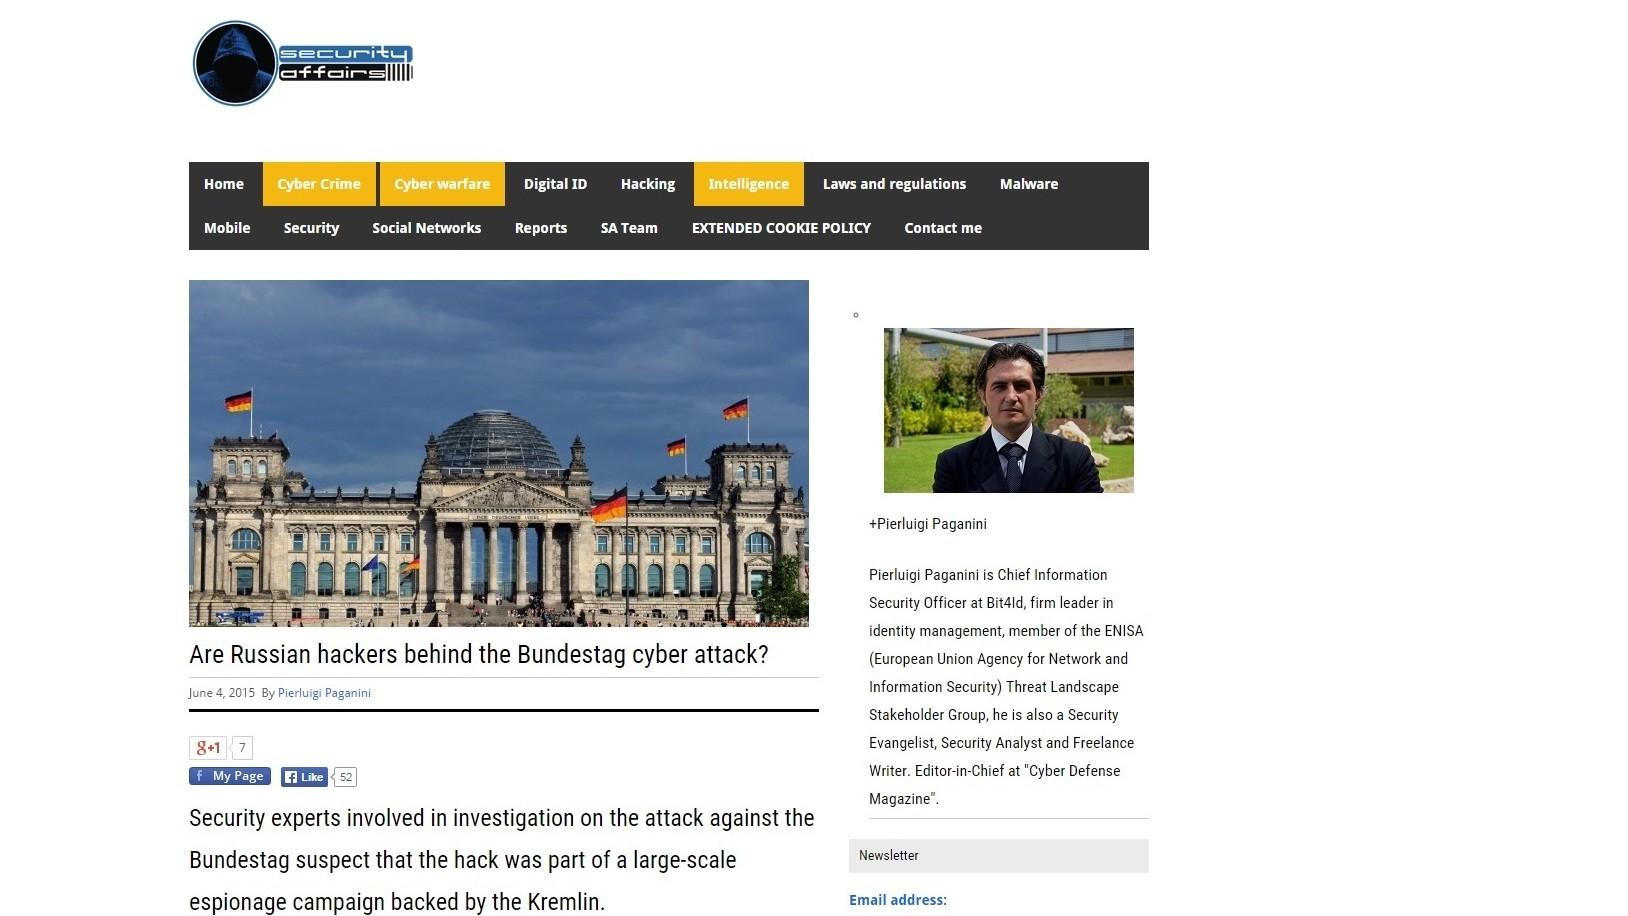 Les hackers russes, sont-ils derrières le cyber-attentat contre le Bundestag ?